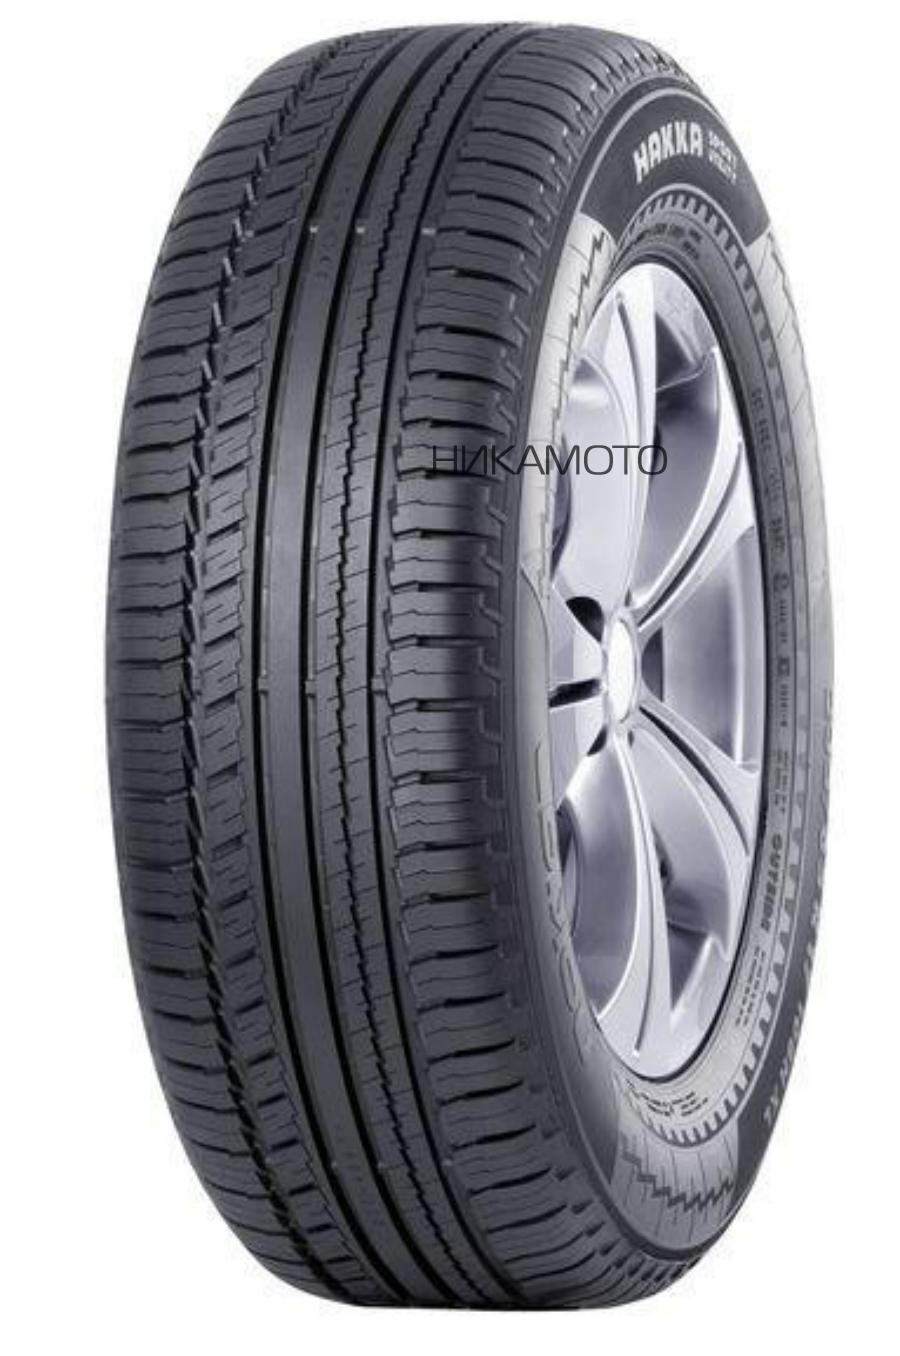 HAKKA SUV 265/70R16 112T (до 190 км/ч)